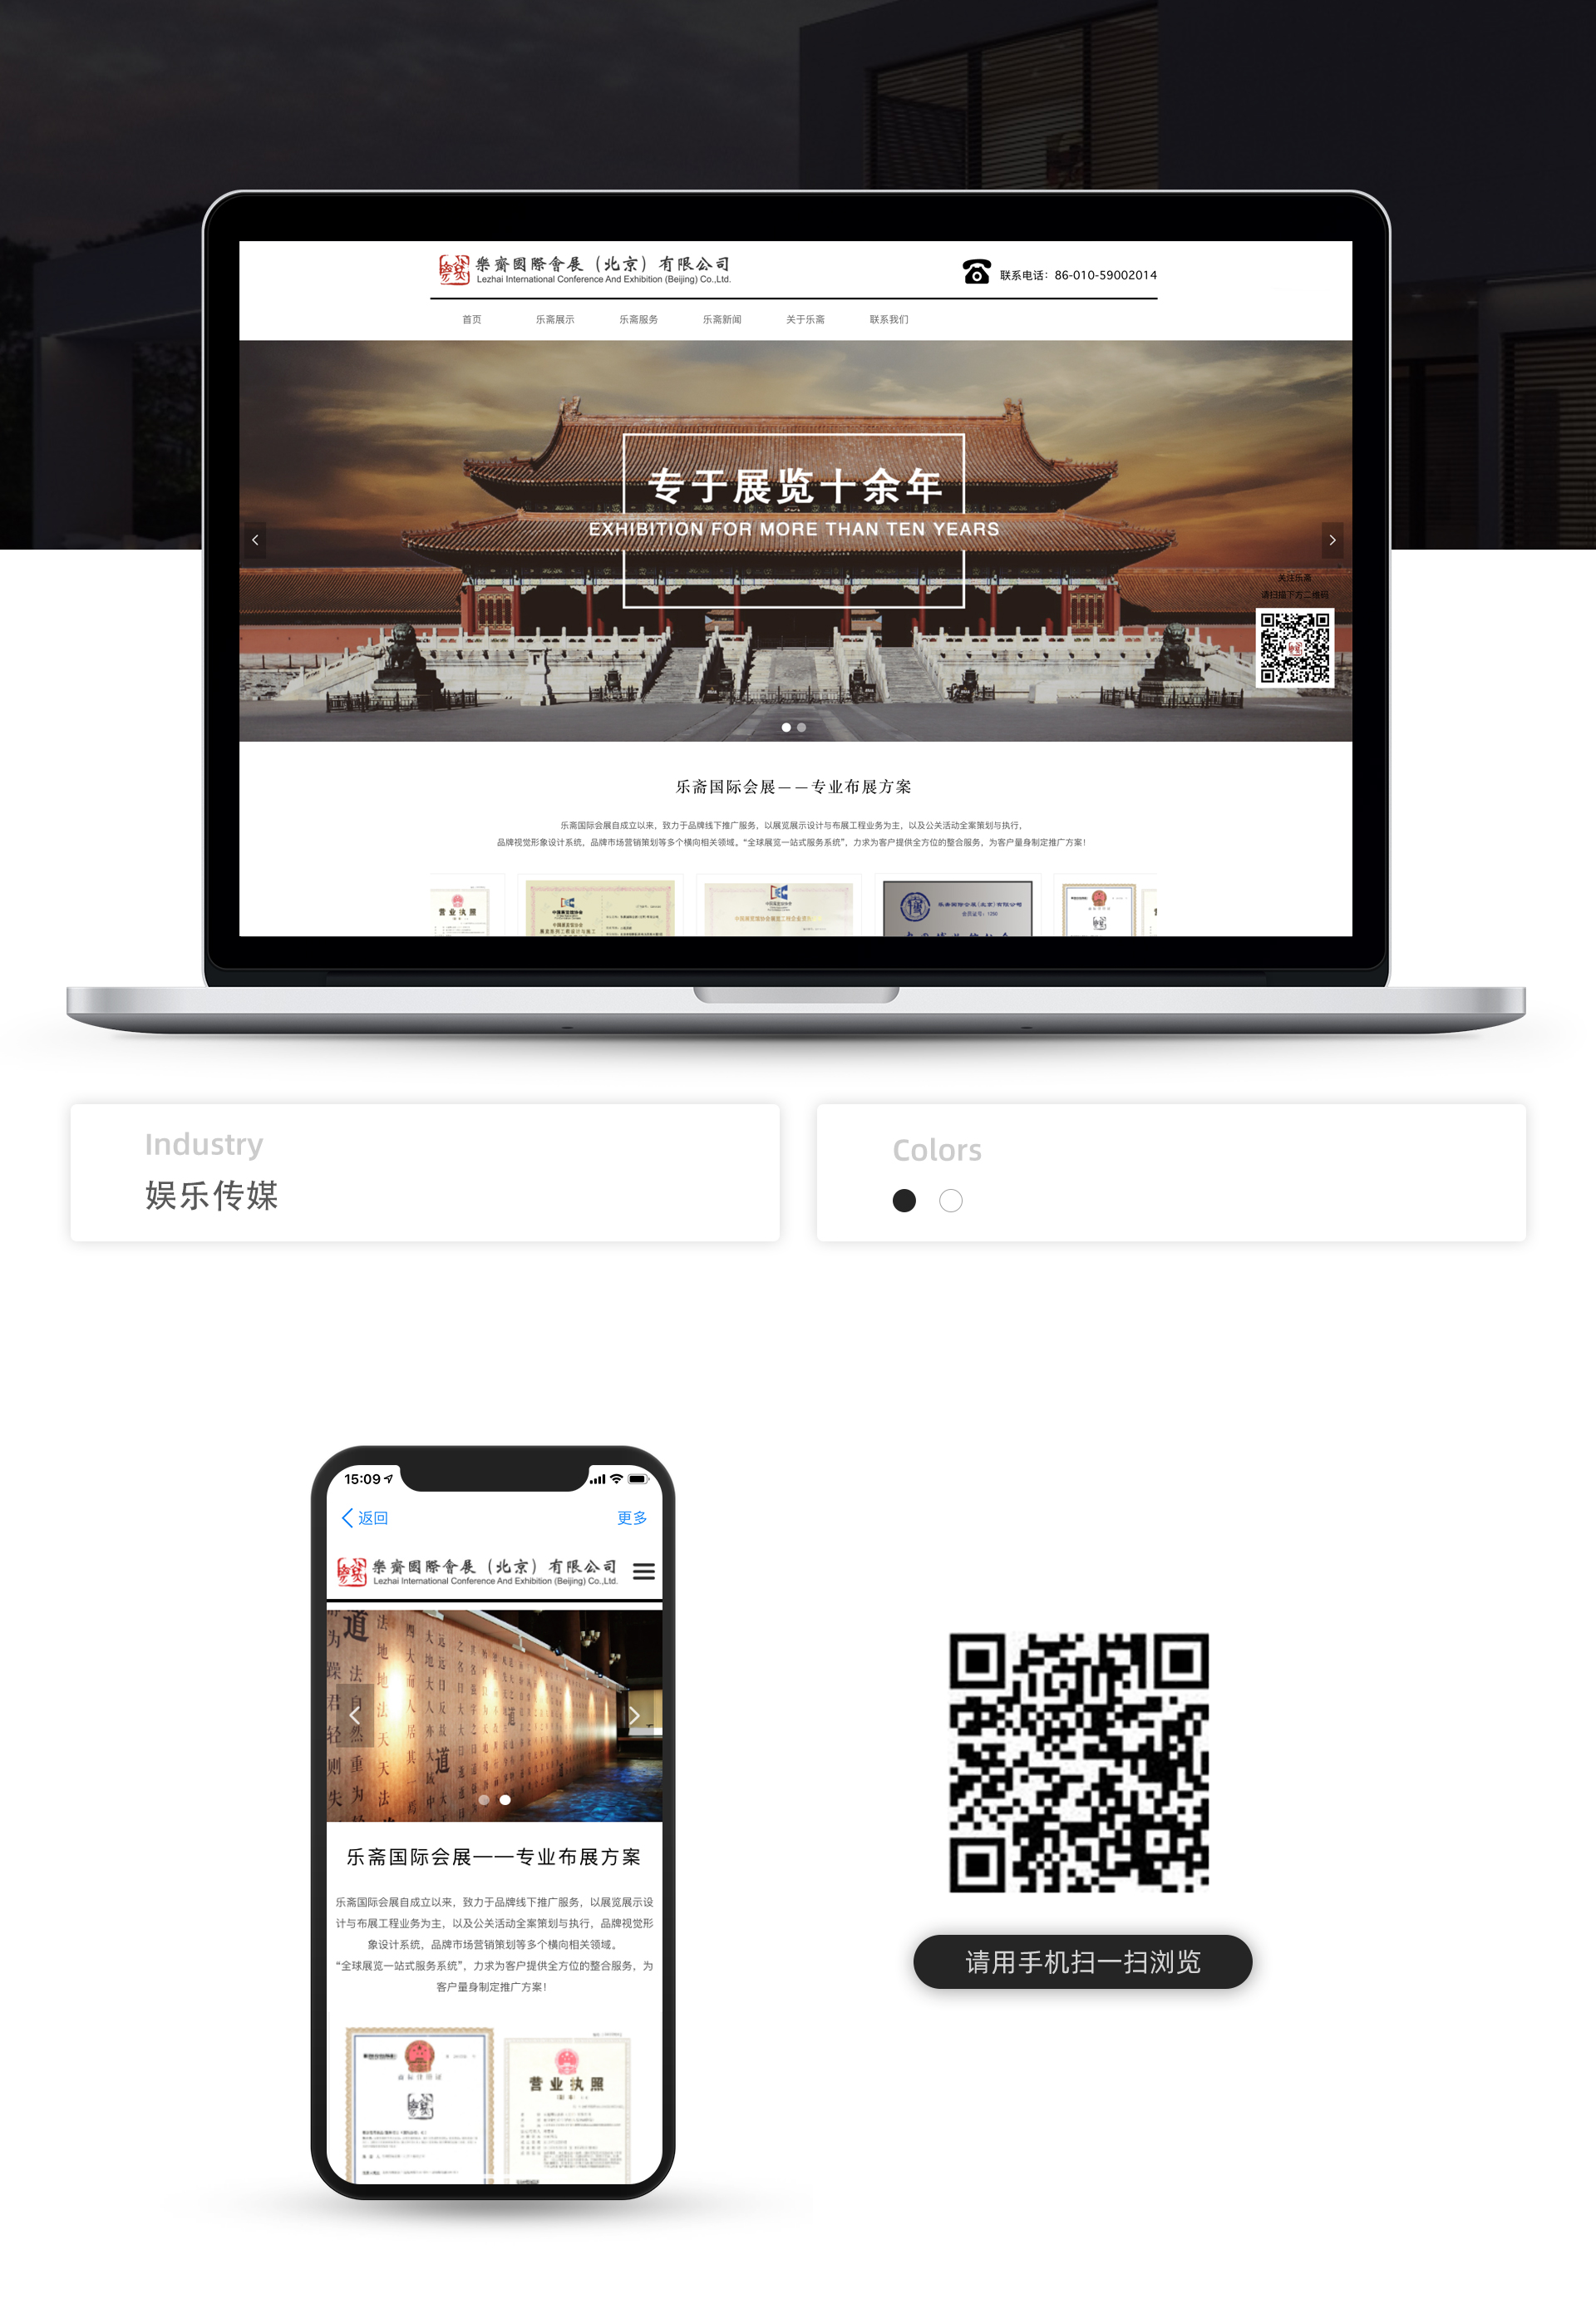 内页-云企案例设计简介-有手机版203934865650613